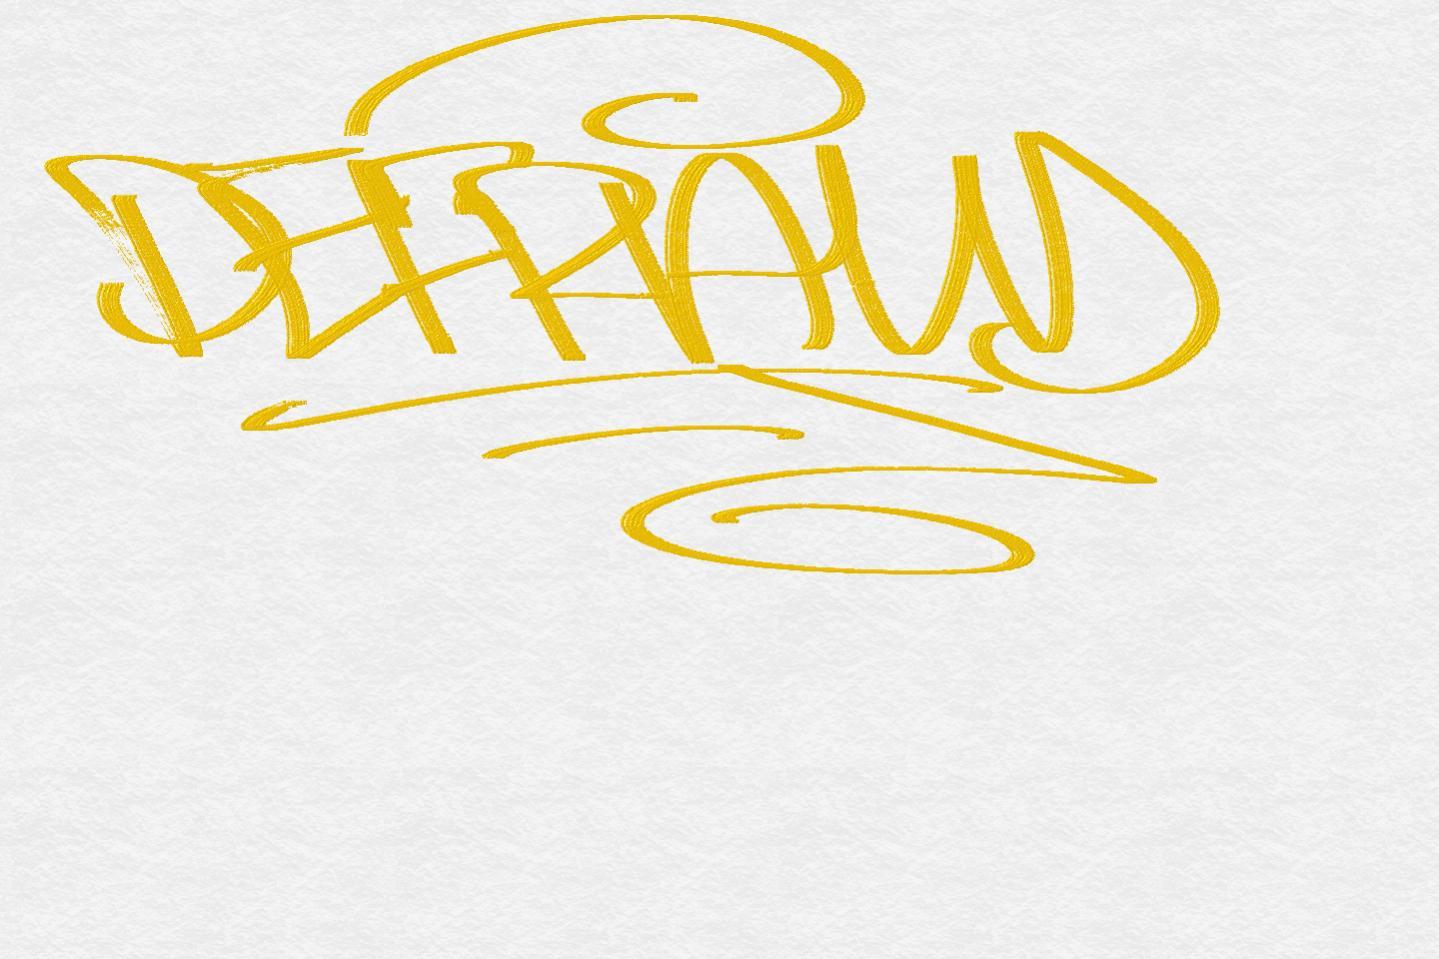 FreshPaint-45-2015.12.22-01.04.31.jpg